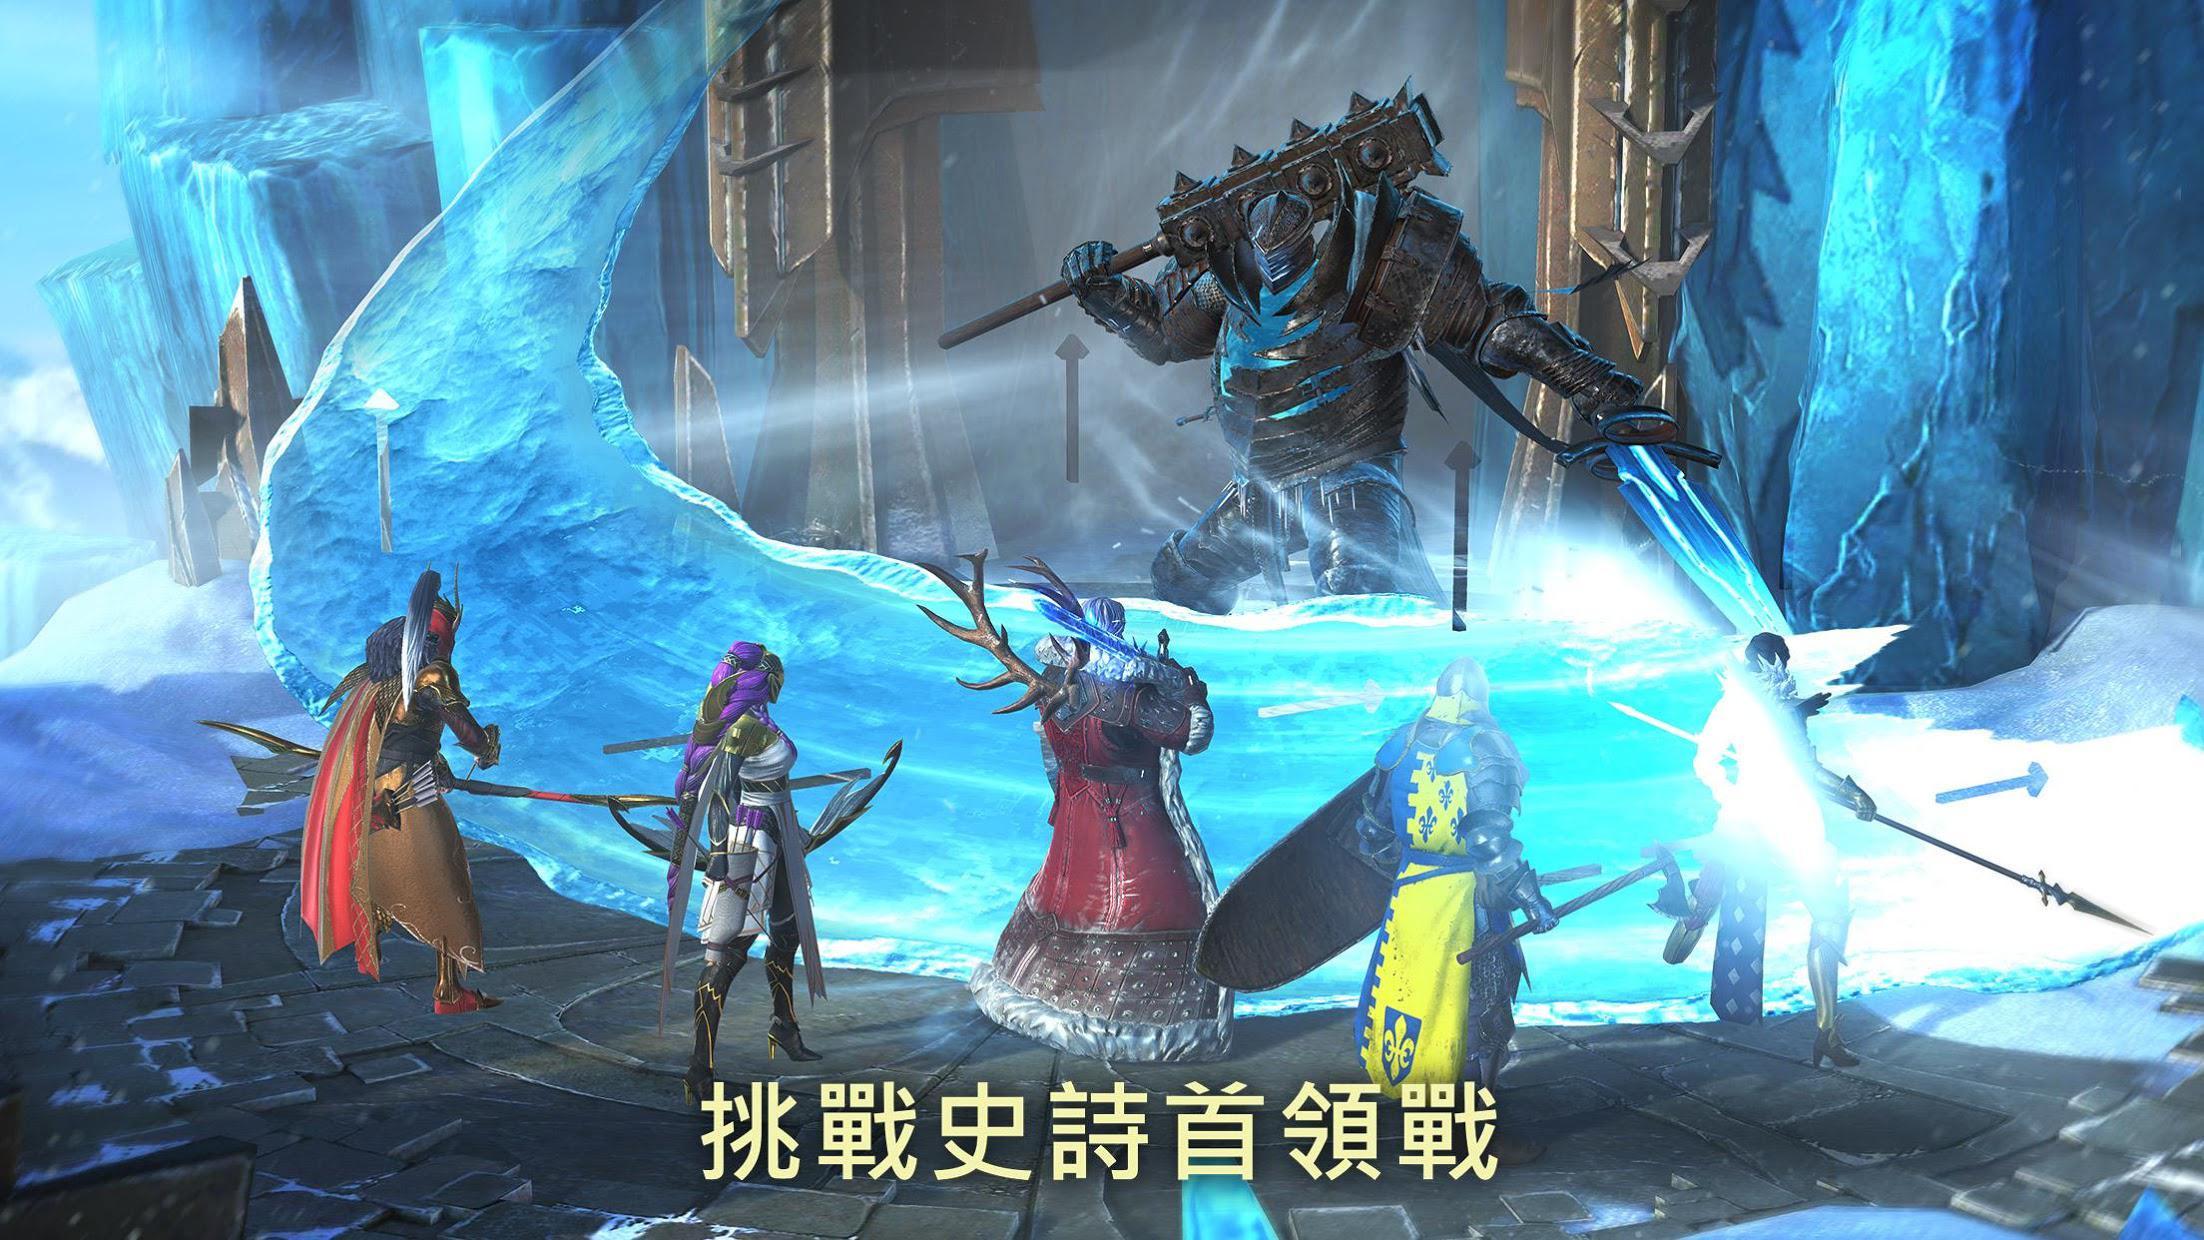 突袭:暗影传说 游戏截图2